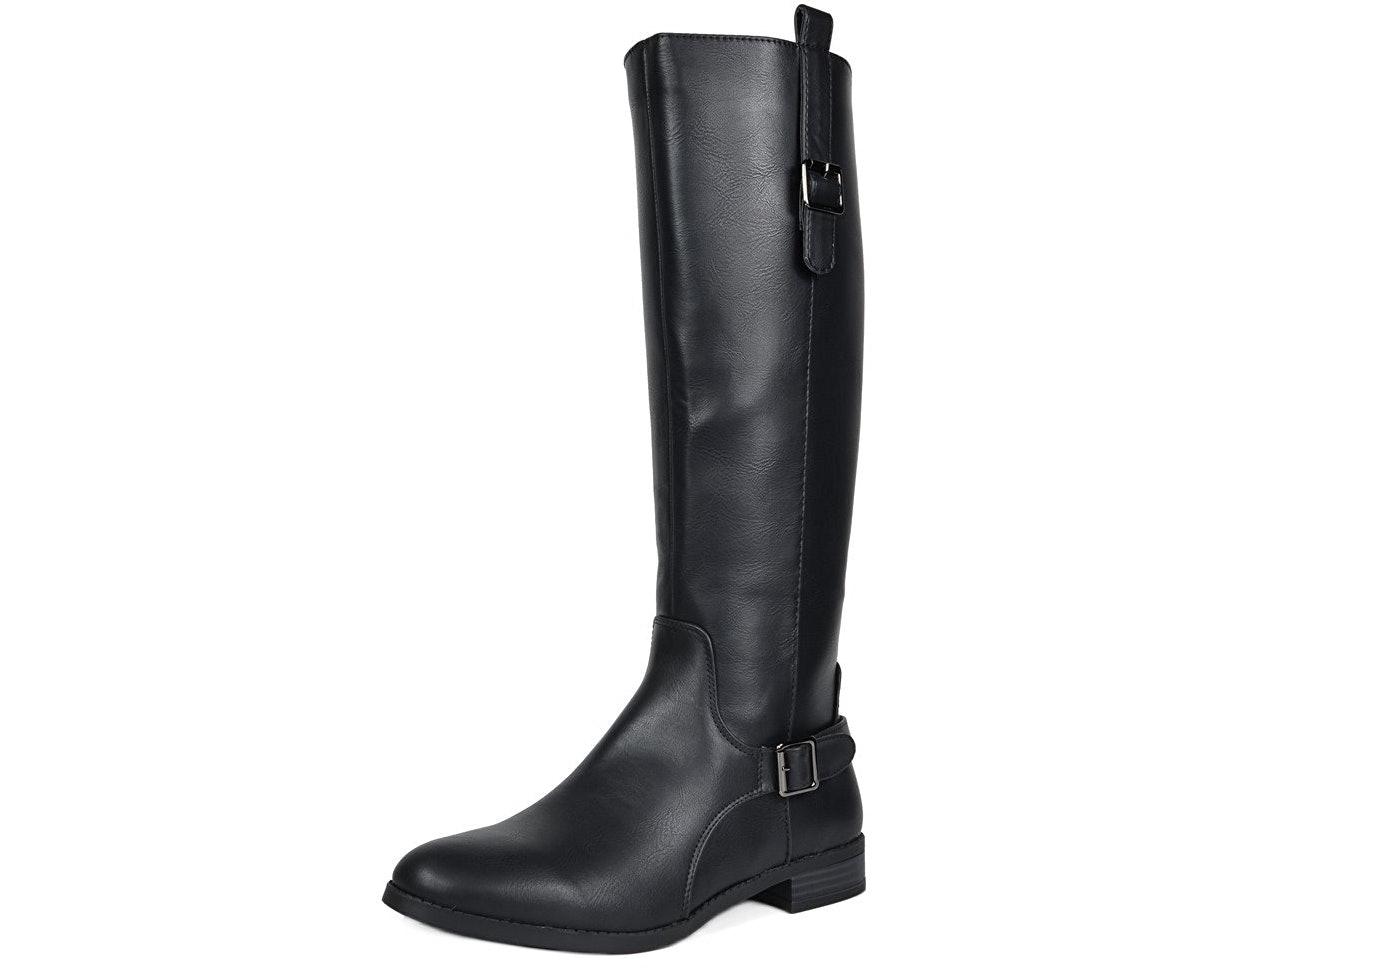 3e7174d2ff47 The 10 Best Wide-Calf Boots